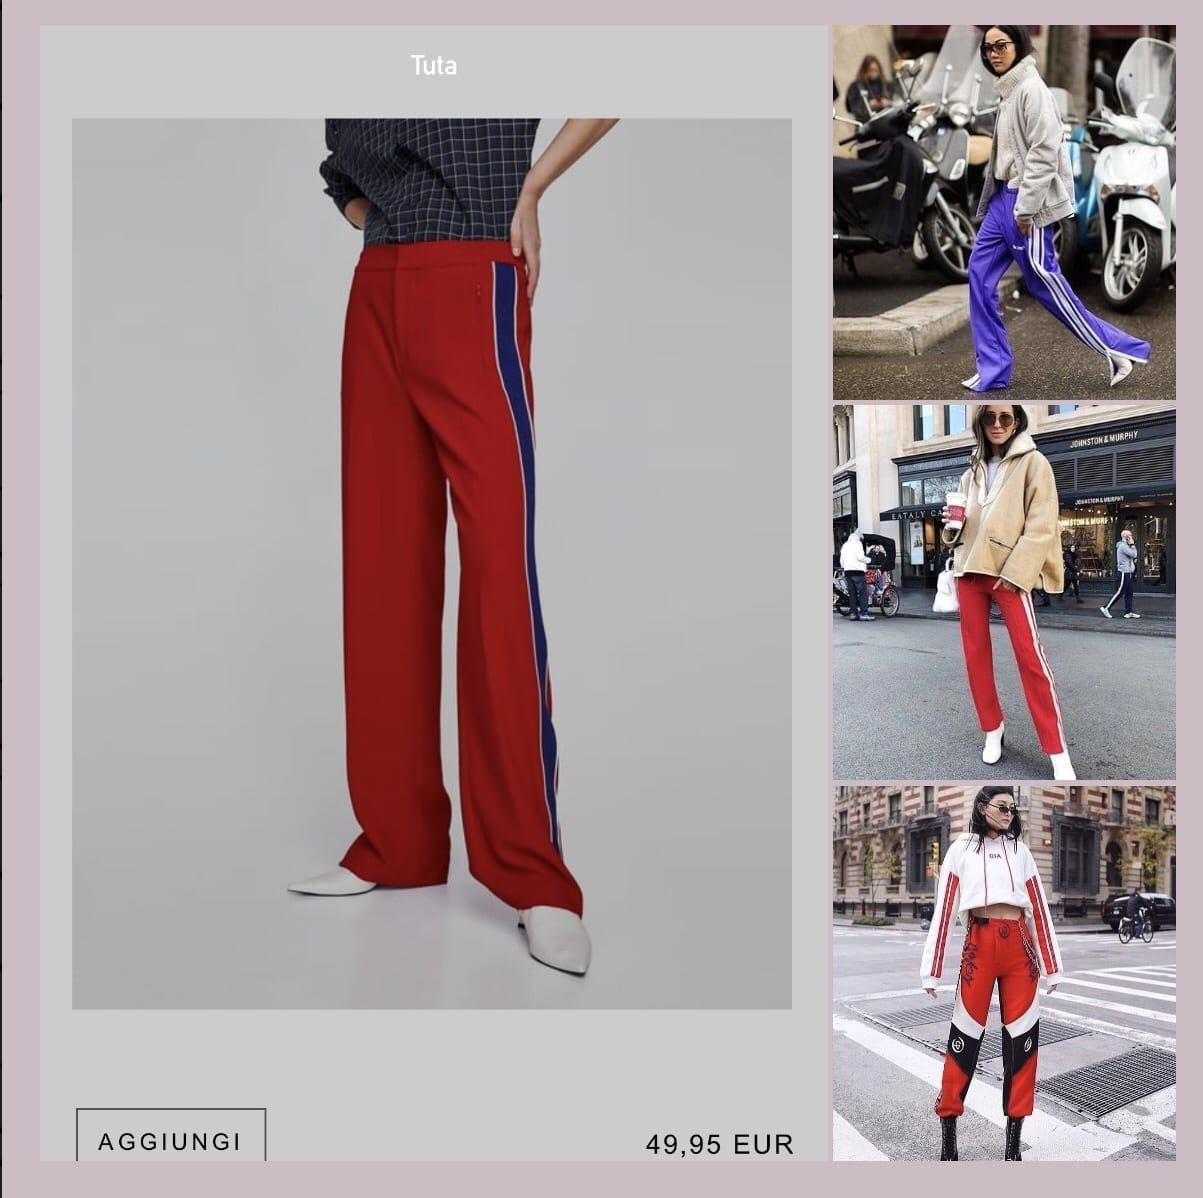 Febbraio 2018, cosa comprare zara adesso 2018, nuovi arrivi zara 2018, cosa va di moda adesso, cosa mi metto domani, come vestirsi aperitivo milano, marsupio come si mette, come indossare il marsupio, marsupio zara, theladycracy.it, elisa bellino, fashion blogger italia 2018, blogger italiane più seguite 2018, street style outfit 2018, tendenze moda 2018, tendenze moda primavera 2018, tailleur pastello zara 2018, come indossare pantaloni tuta,